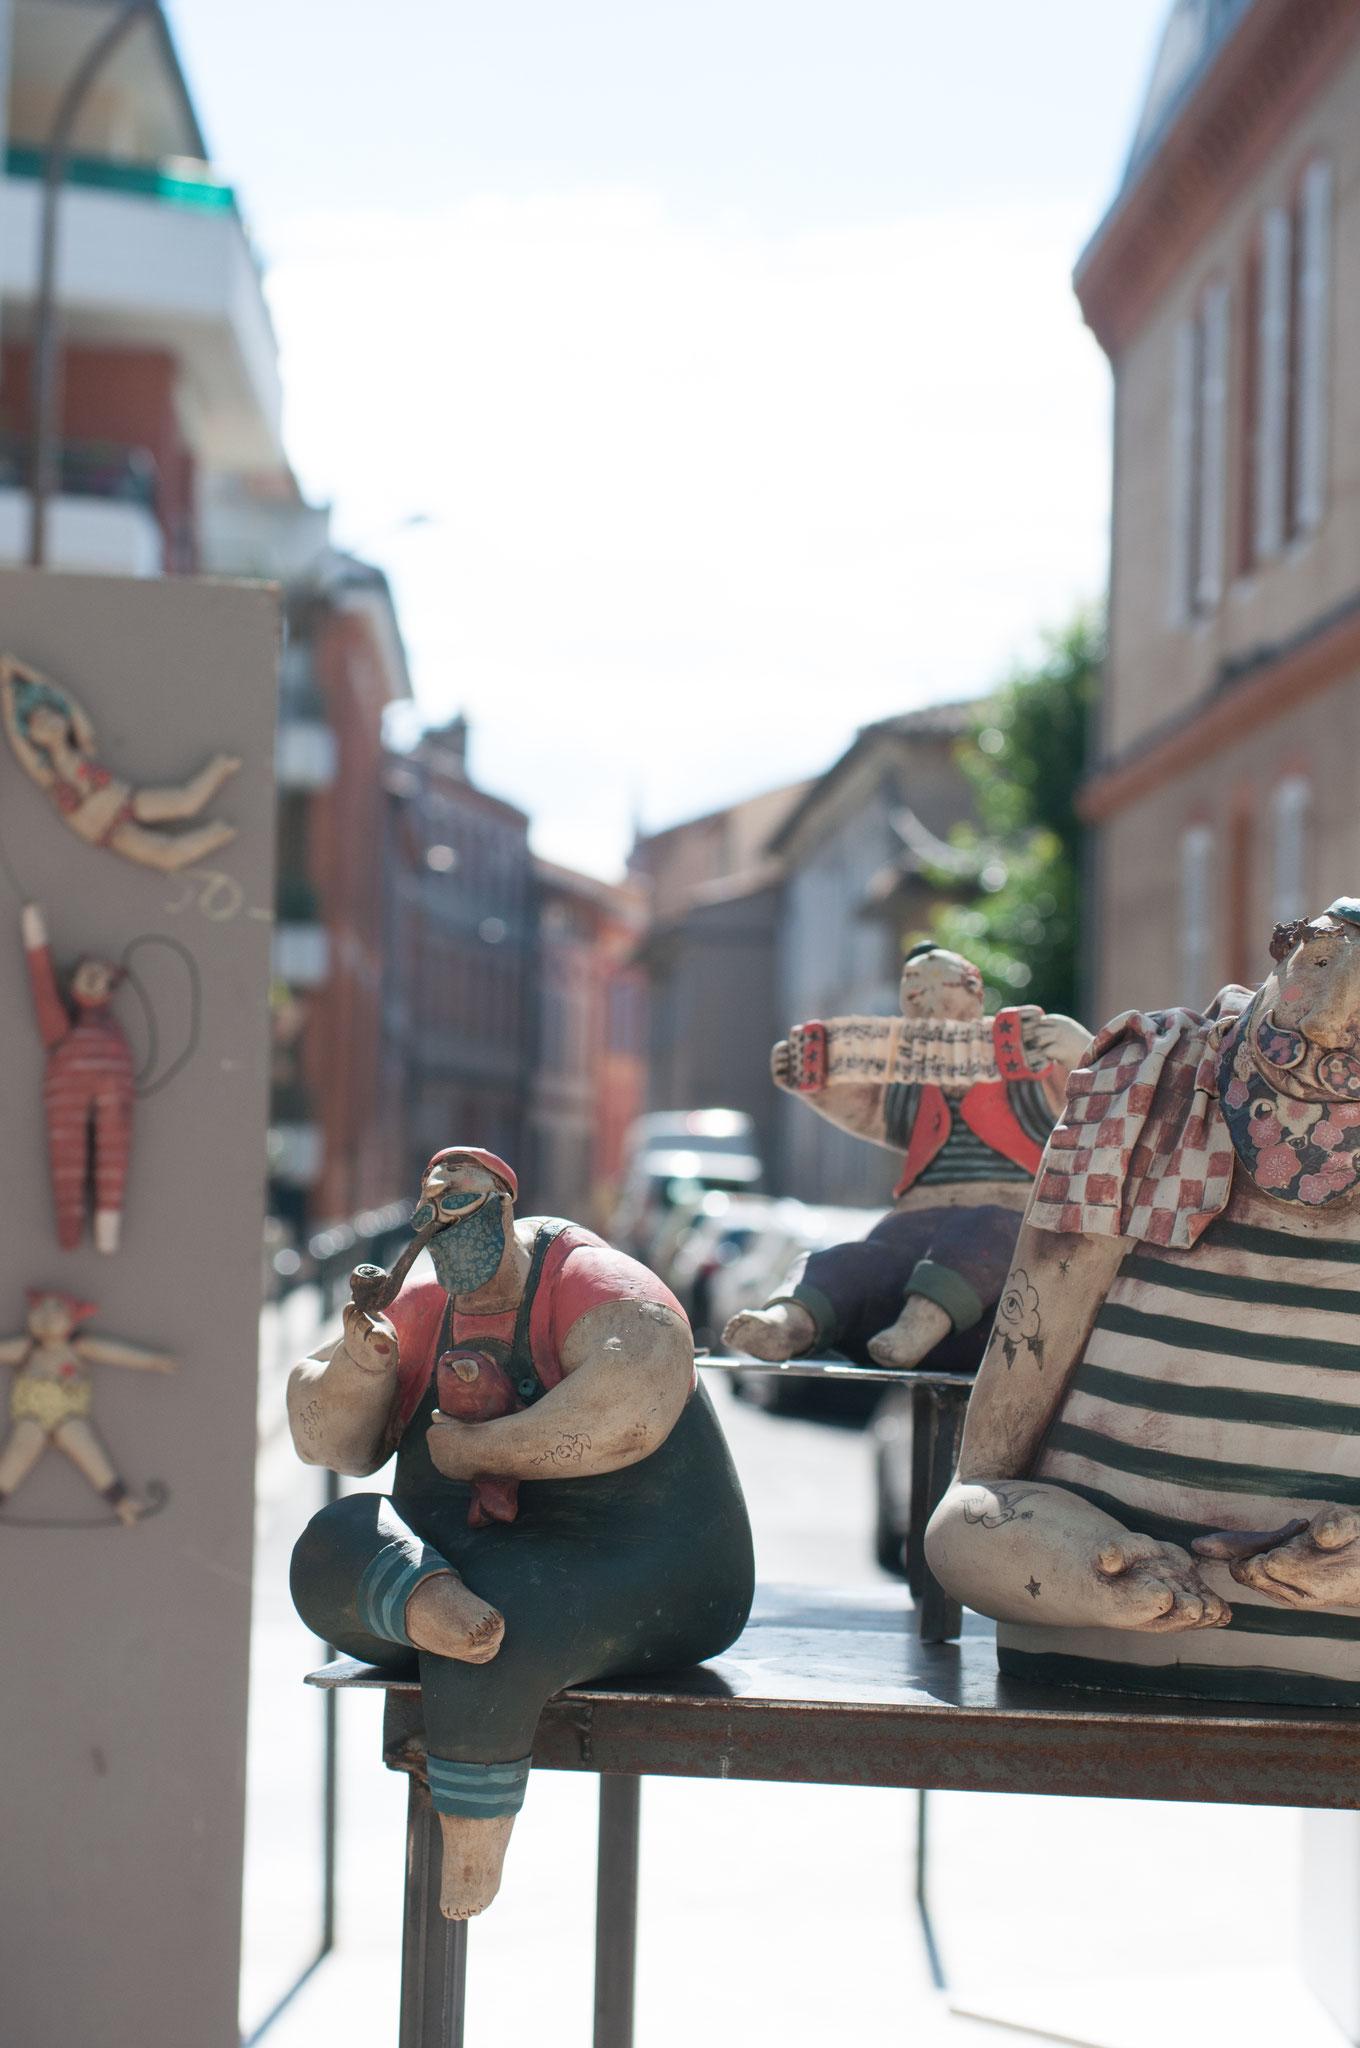 image4 50 | Terre et Terres | Marché Toulouse | Les Allées Céramique à Toulouse les 8 et 9 octobre 2016 | Article | Terre et Terres | 1 novembre 2017